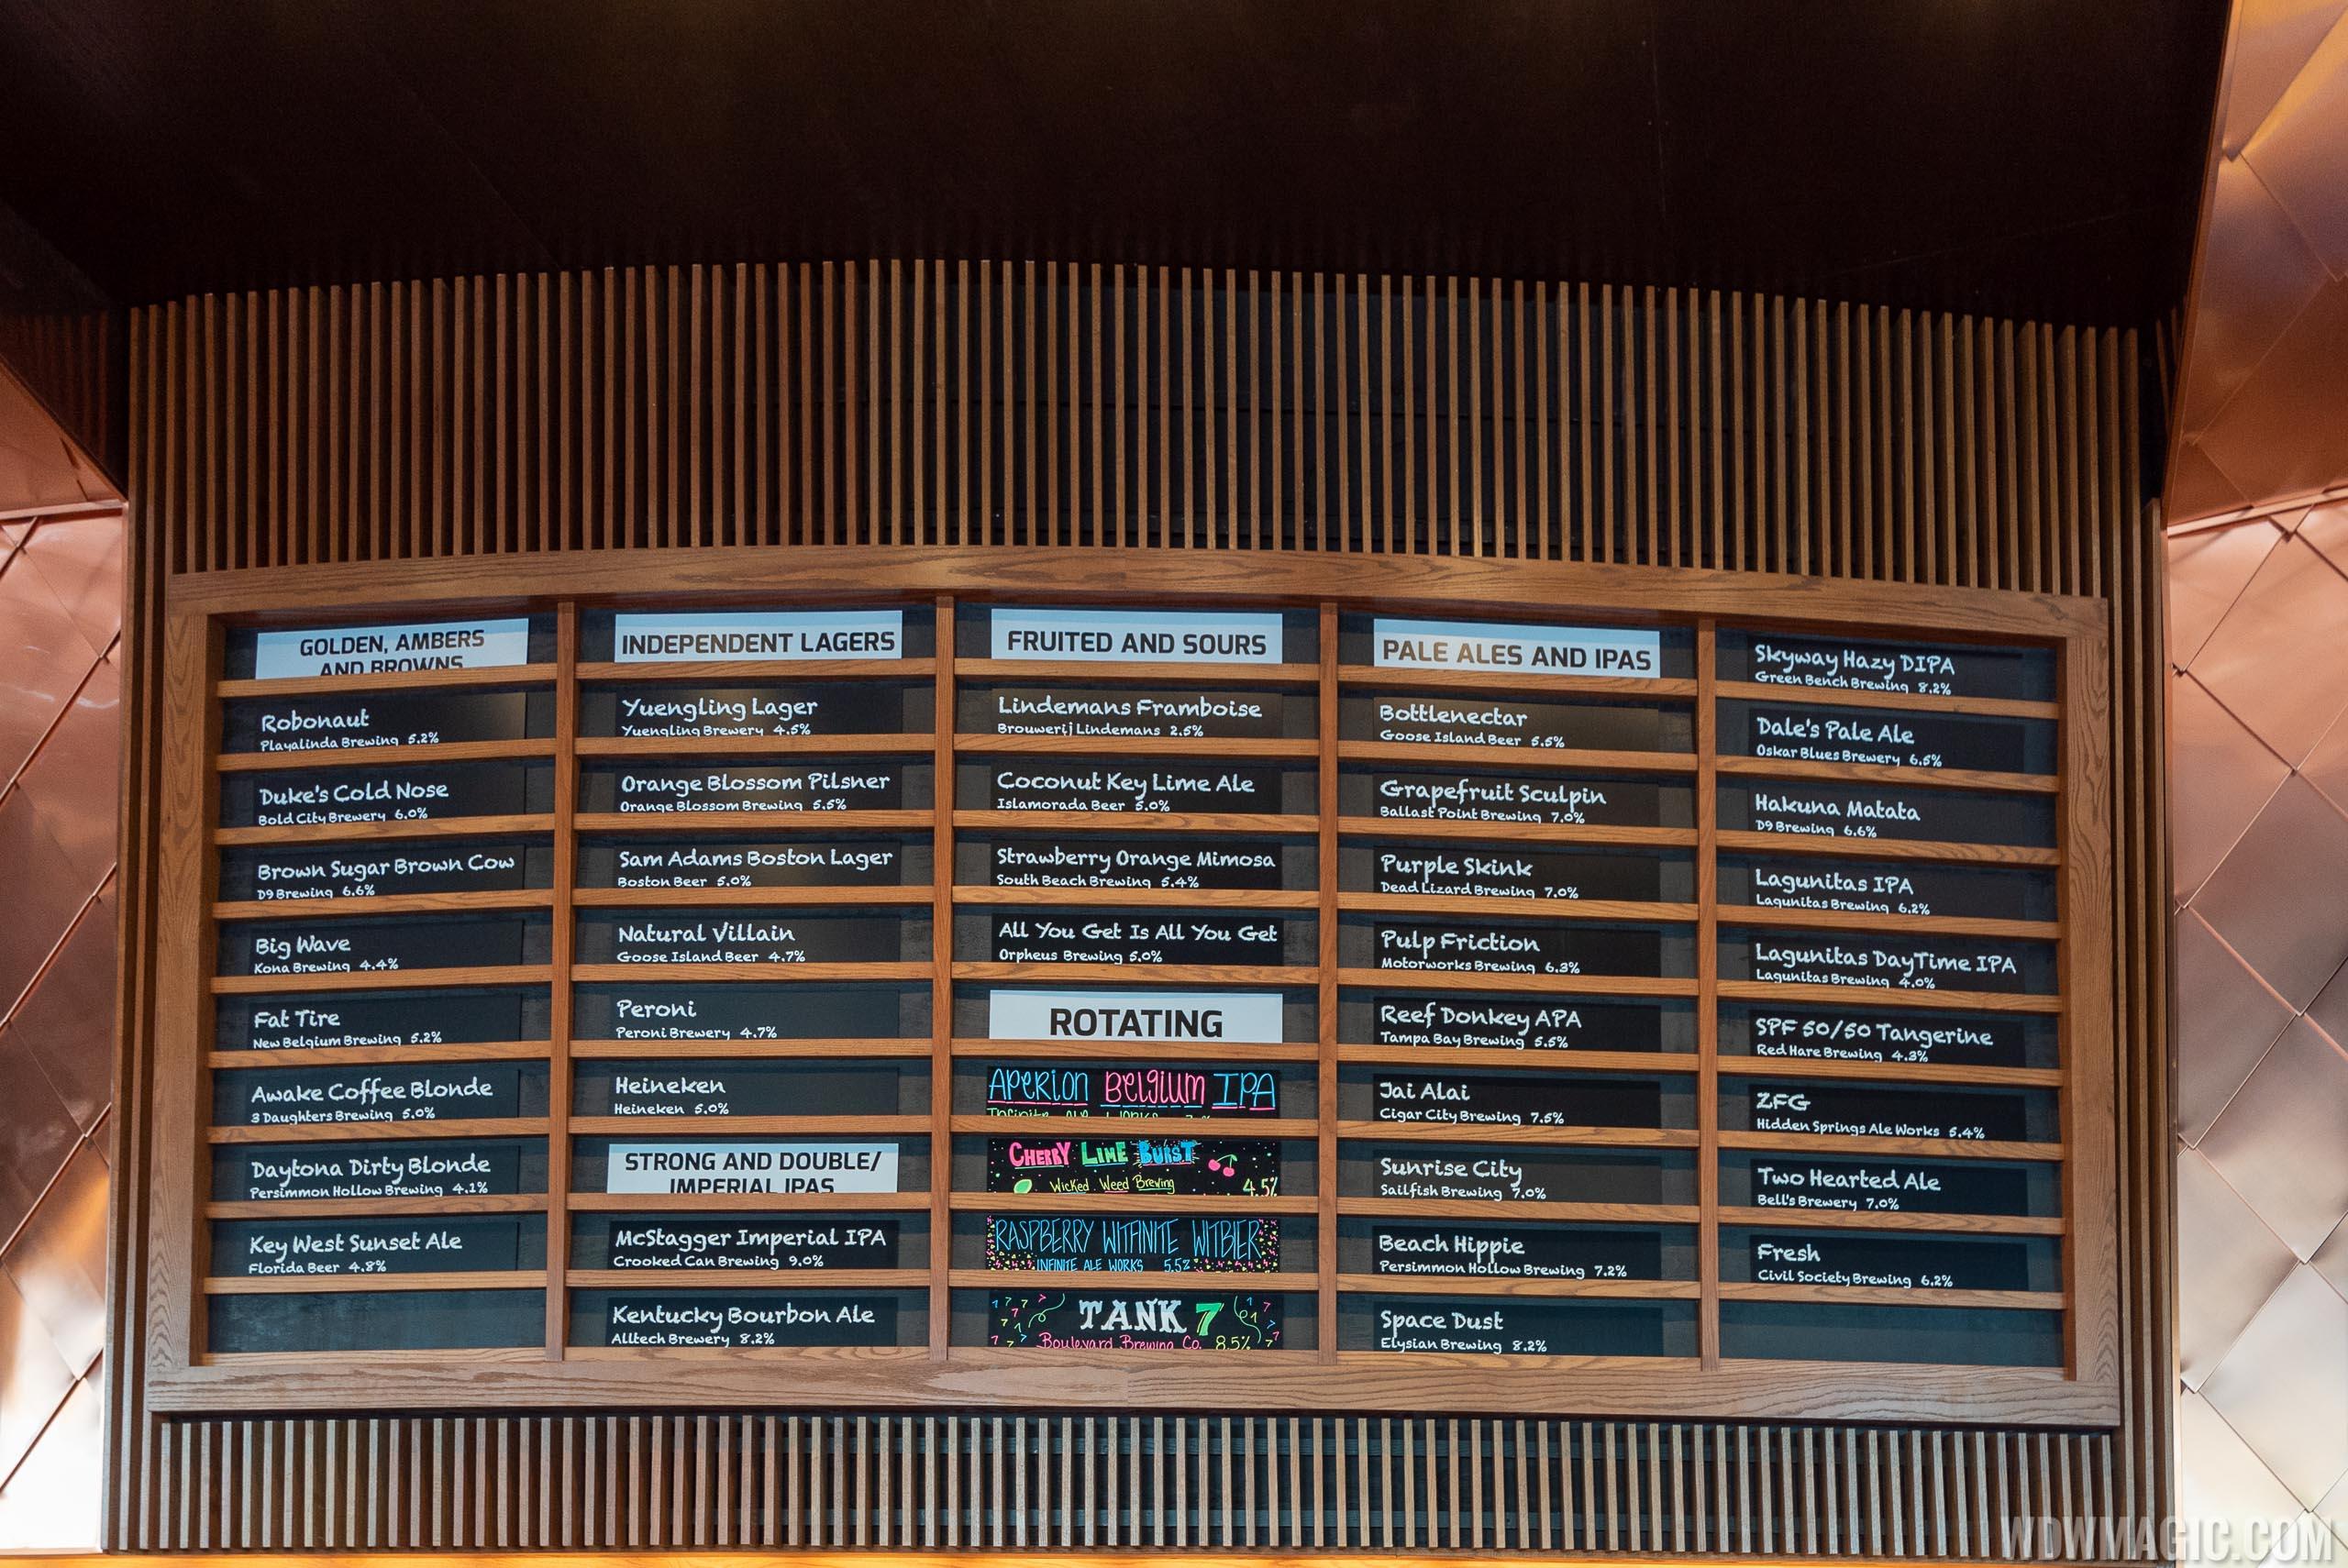 City Works Disney Springs beer menu board